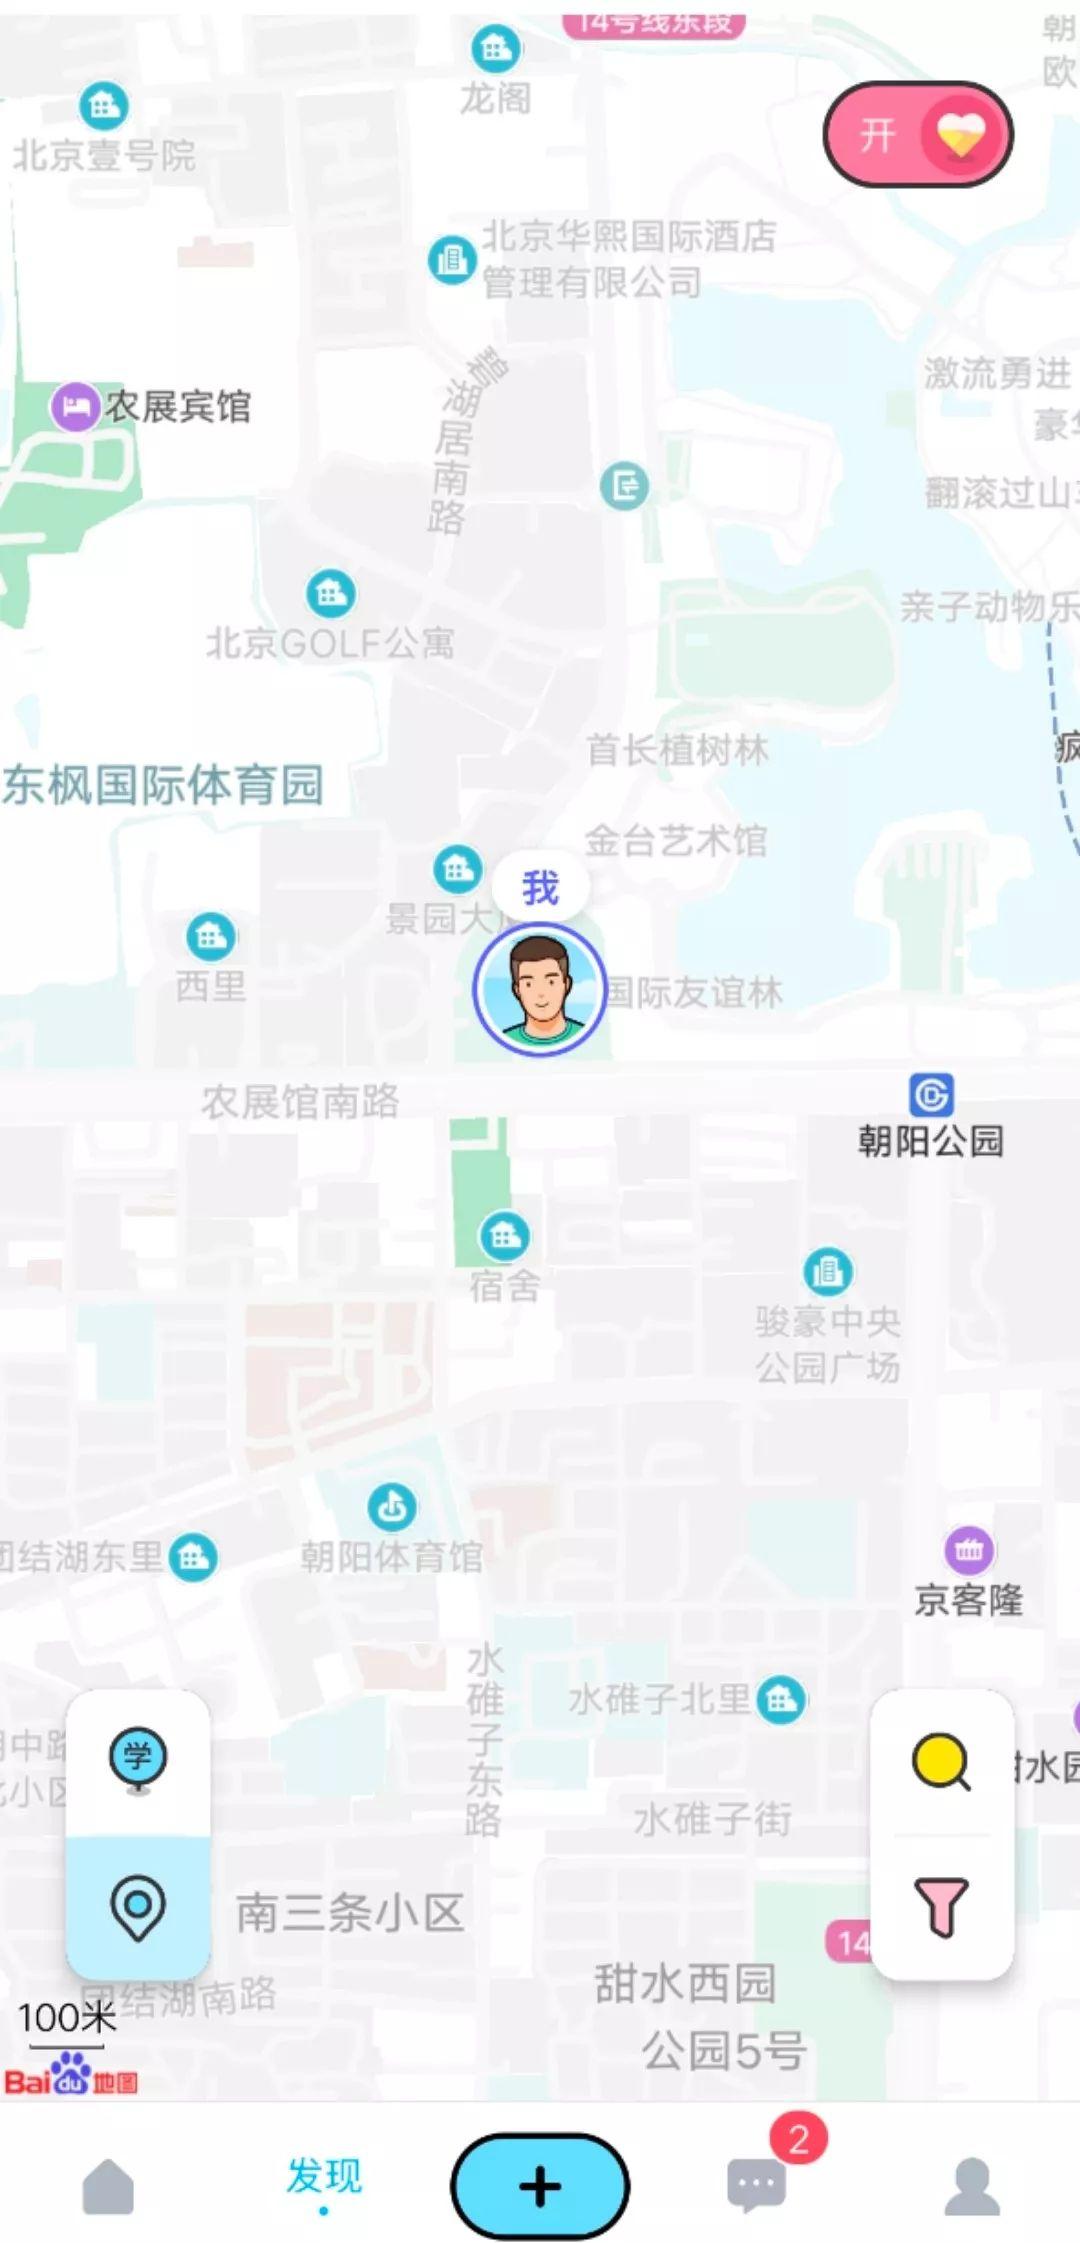 快播王欣、陌陌、 百度入局 地图社交会是新风口吗?插图14